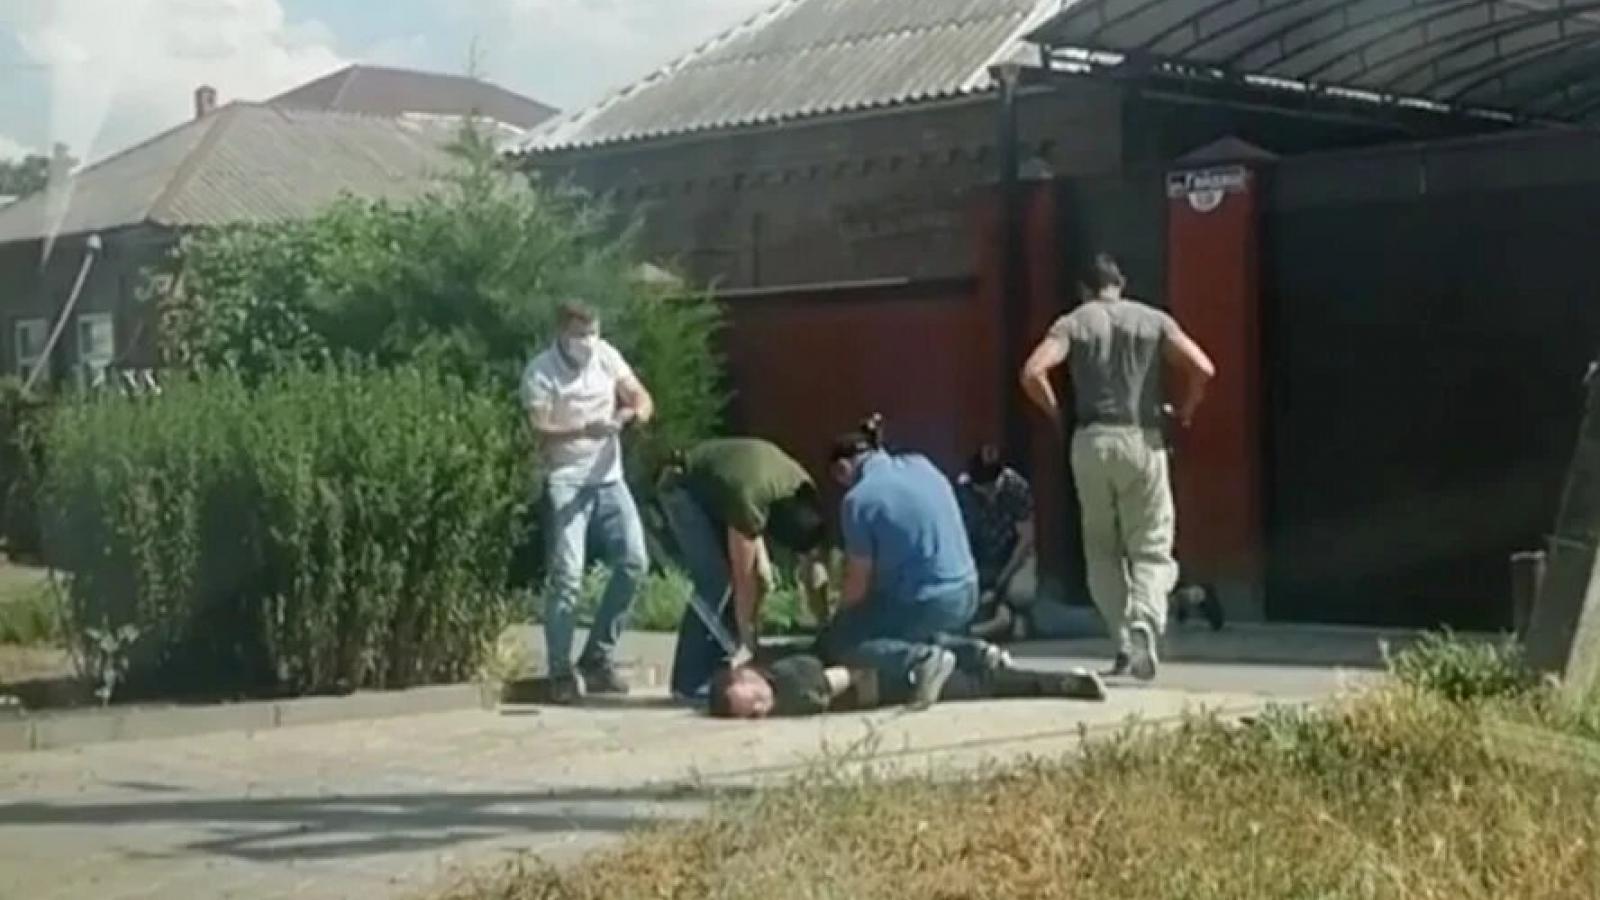 Cơ quan An ninh LB Nga bắt nhóm âm mưu khủng bố ở Rostov-na dony